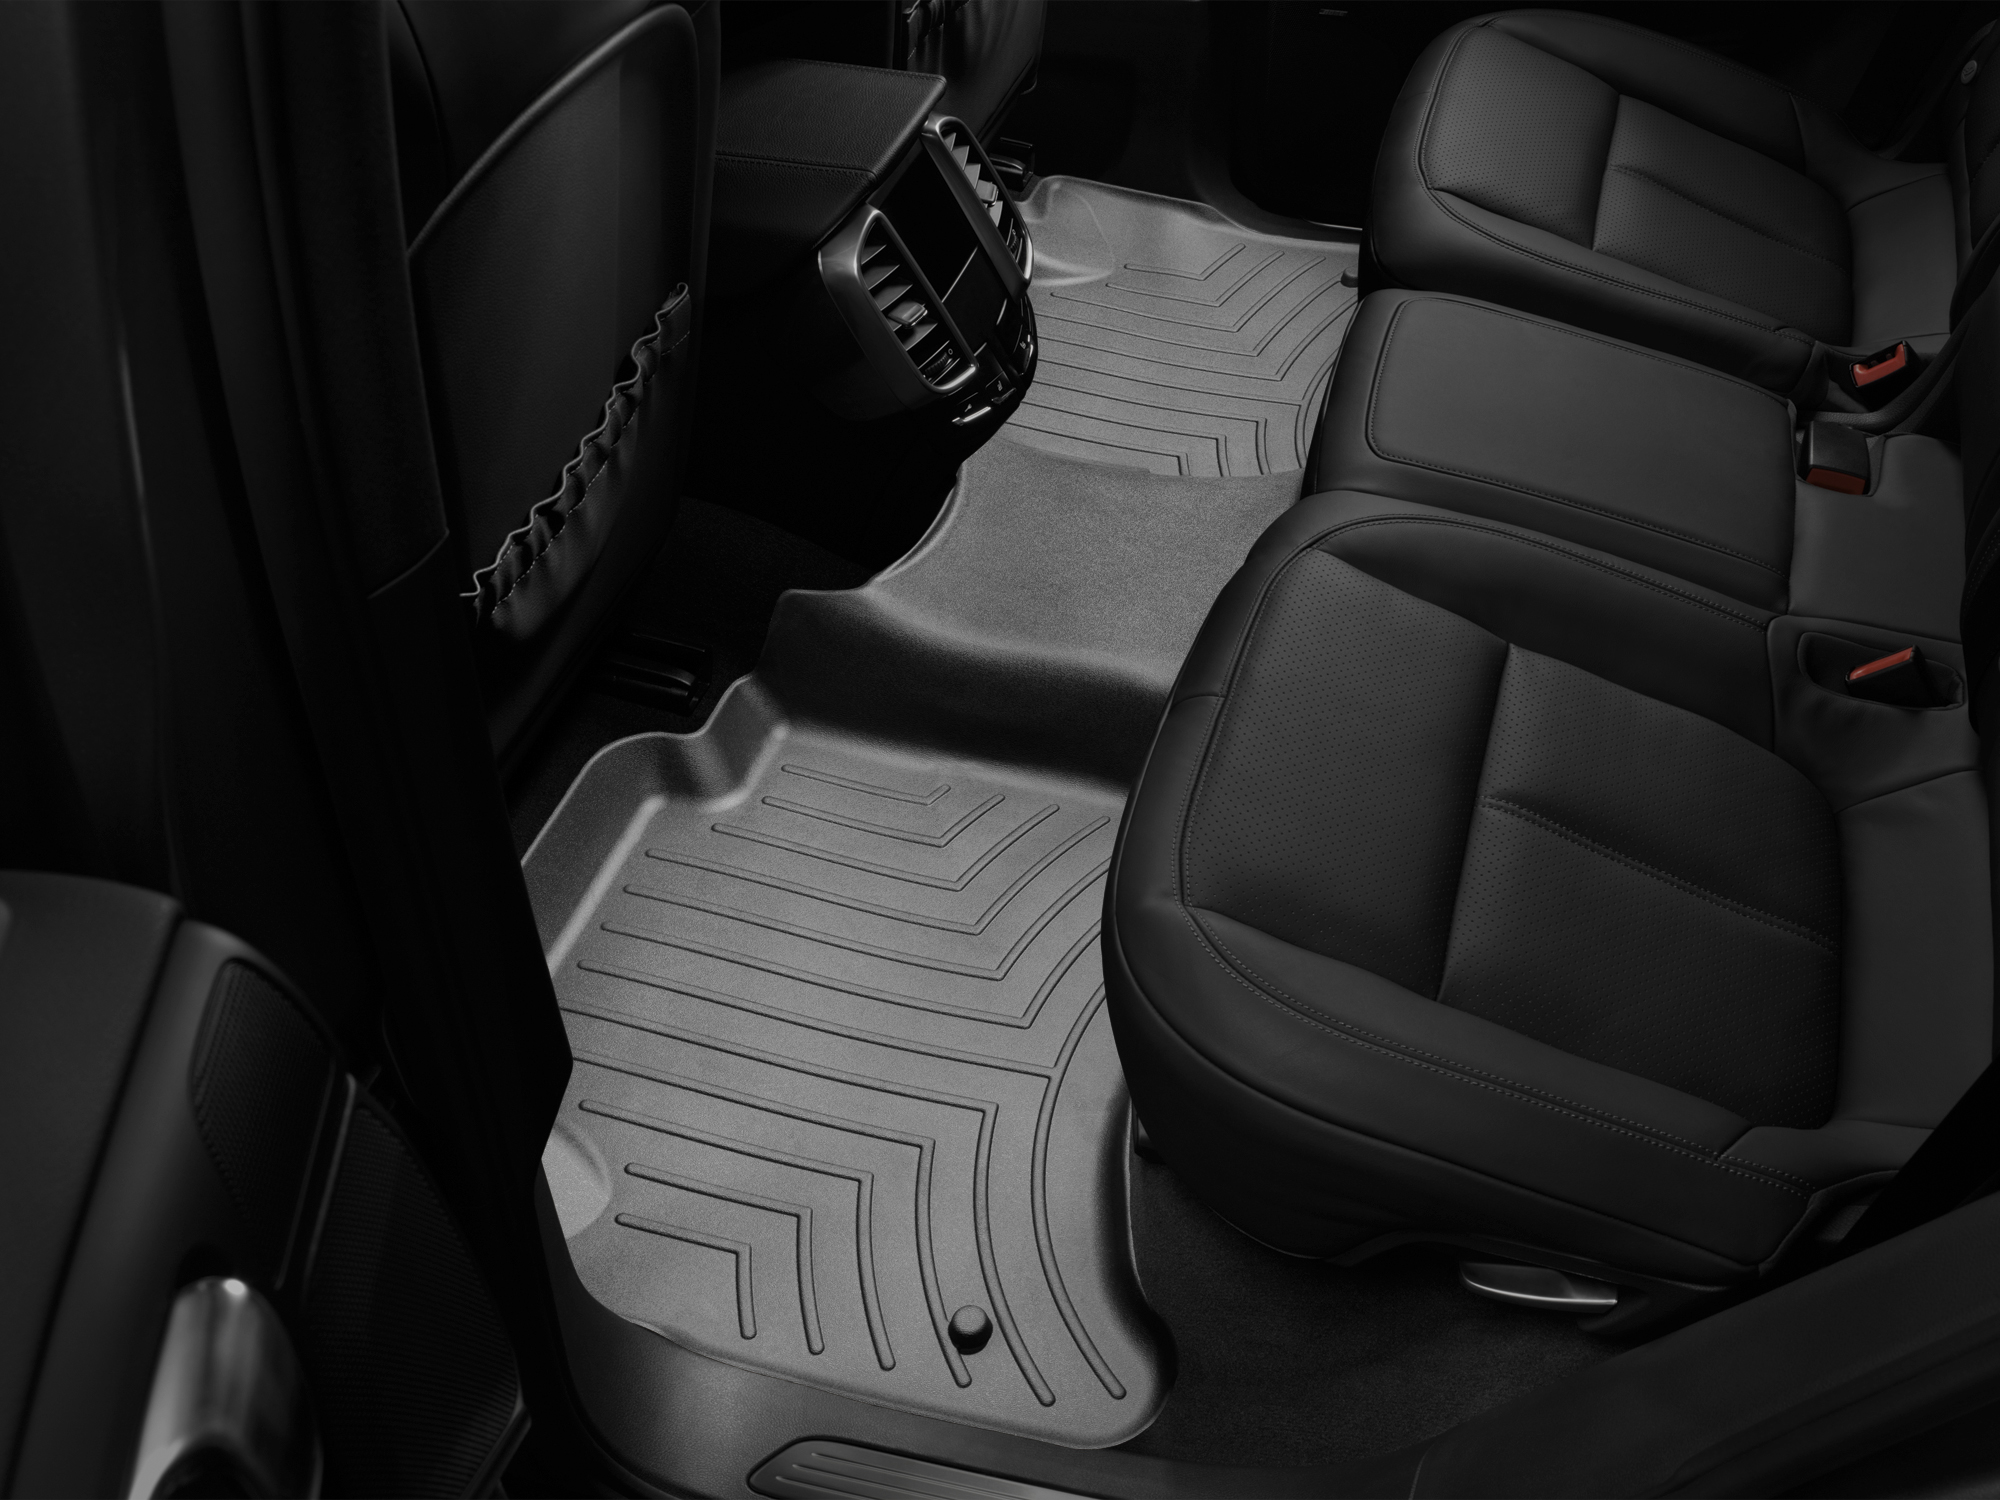 Tappeti gomma su misura bordo alto Volkswagen Touareg 10>10 Nero A4325*